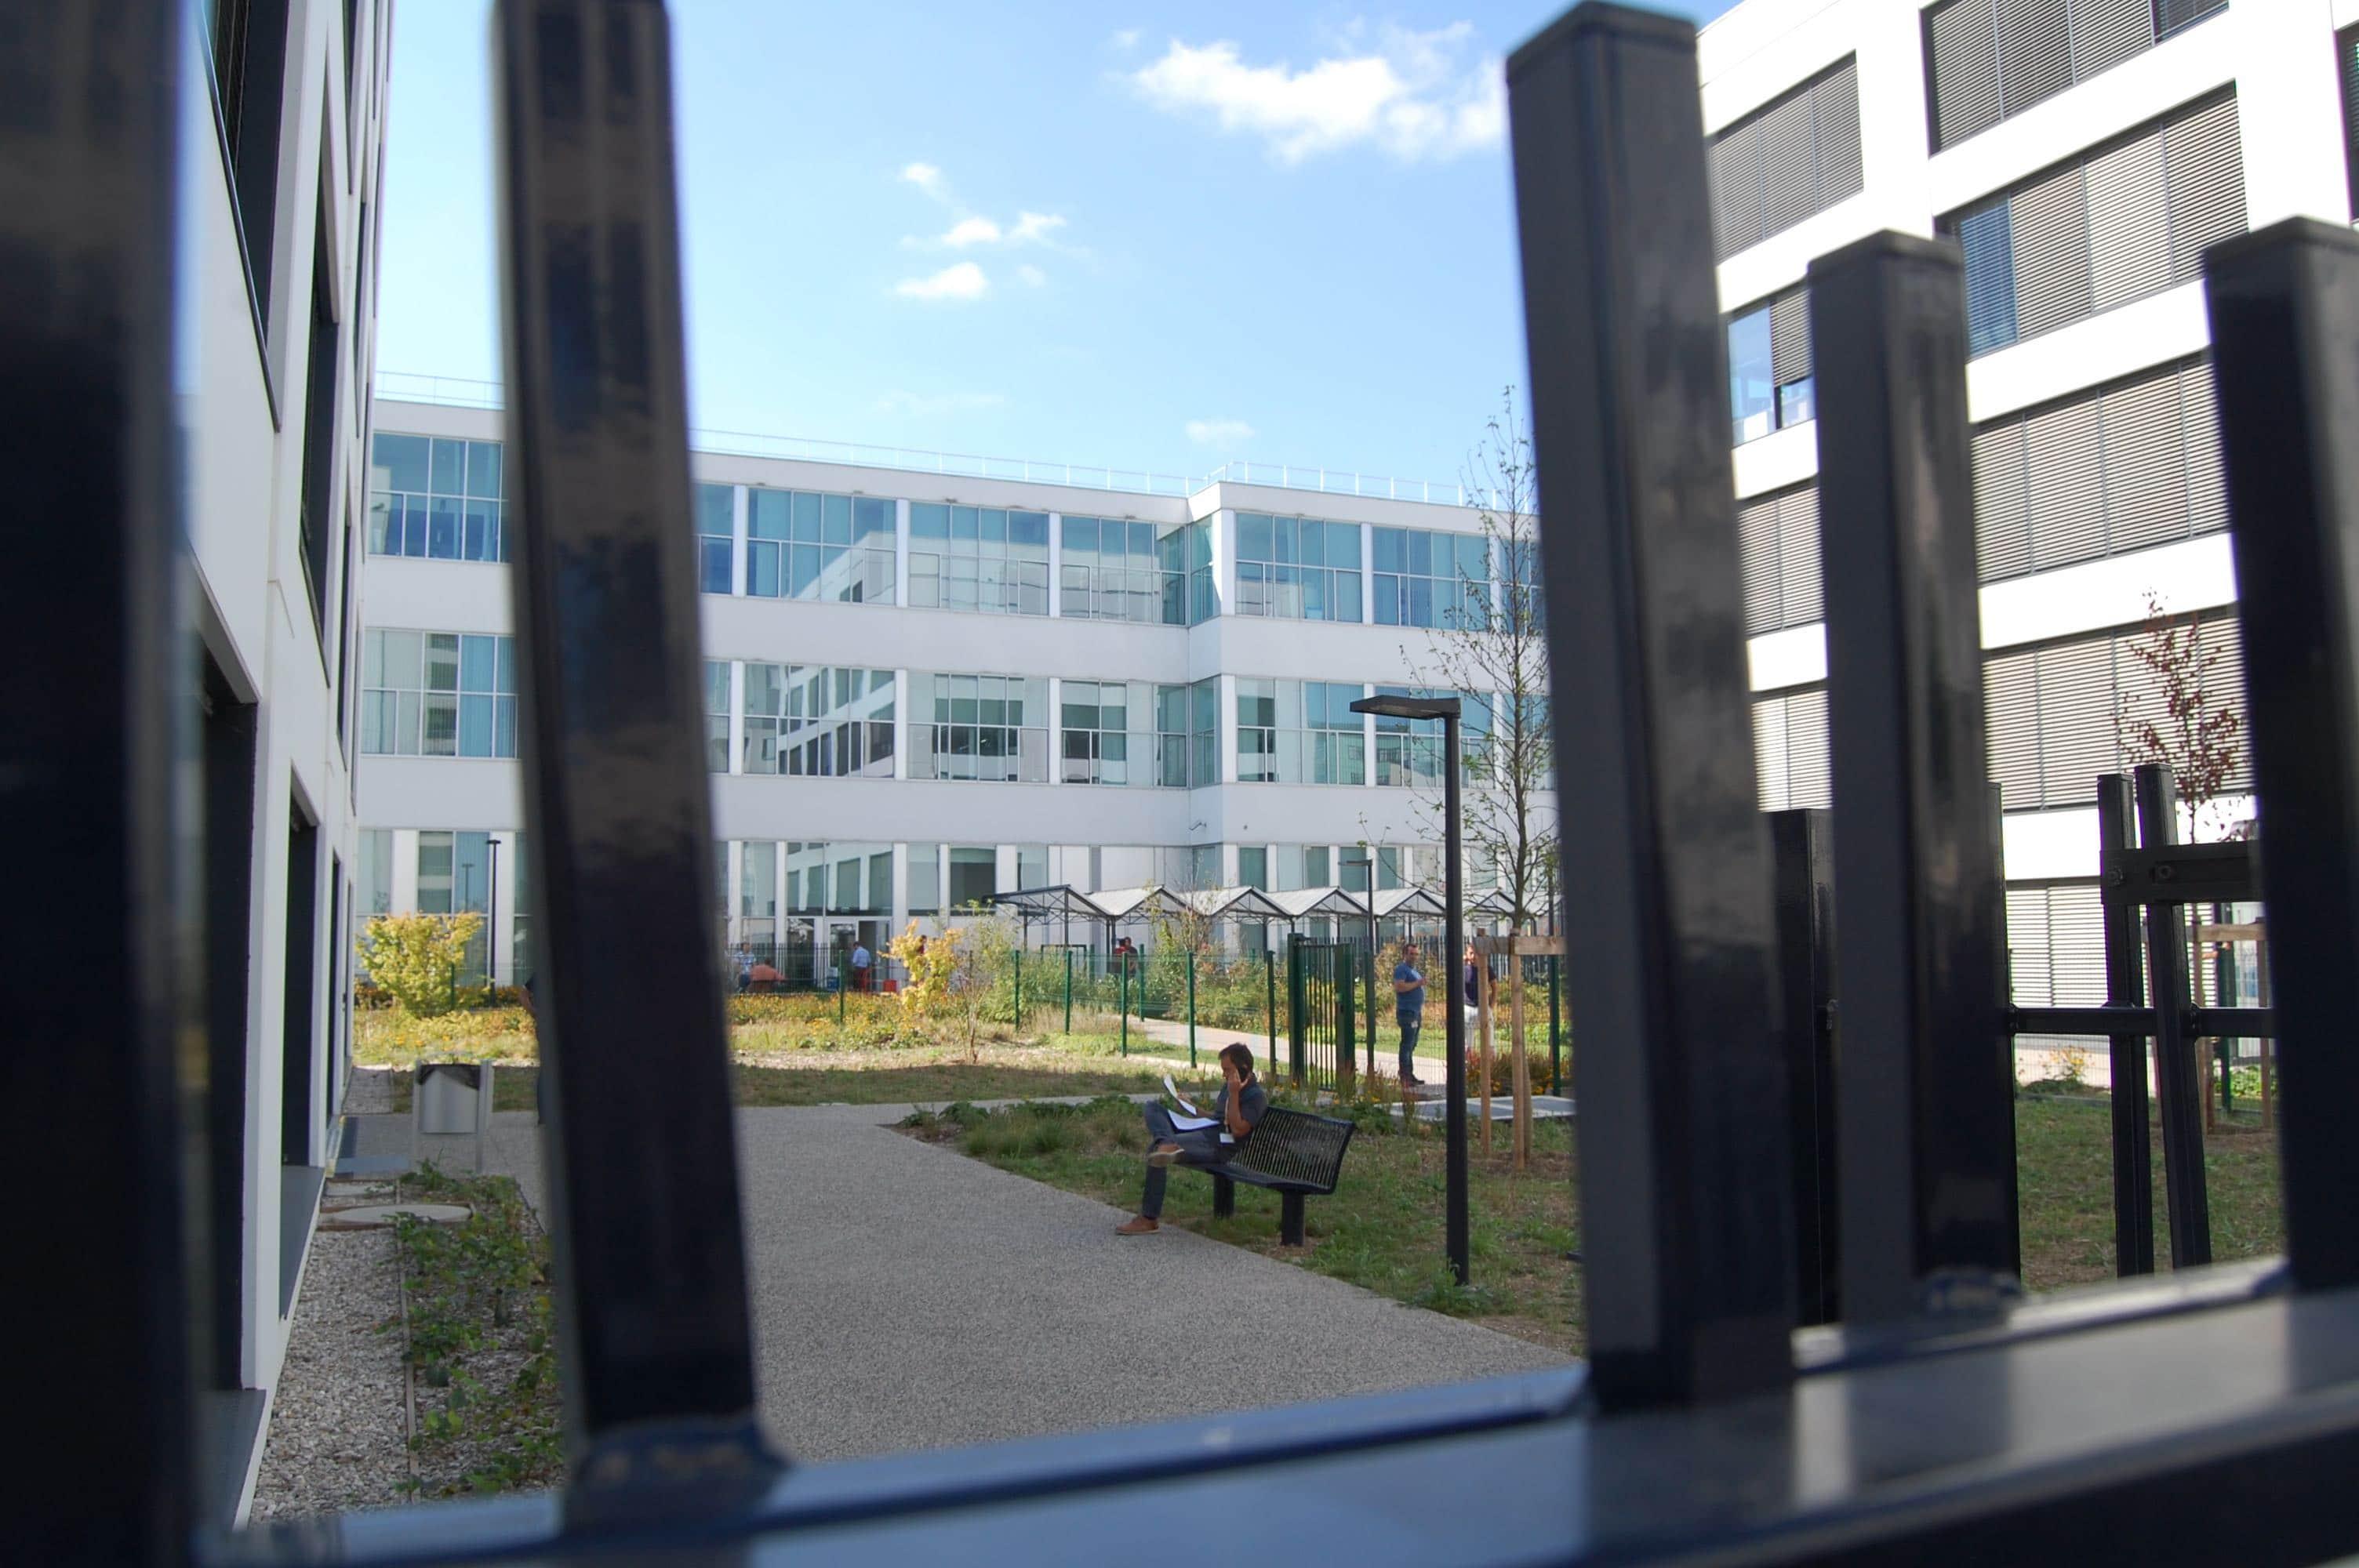 Immeubles de bureaux et ancienne usine Tase rénovée dans le secteur de Carré de Soie à Vaulx-en-Velin. © BE/Rue89Lyon